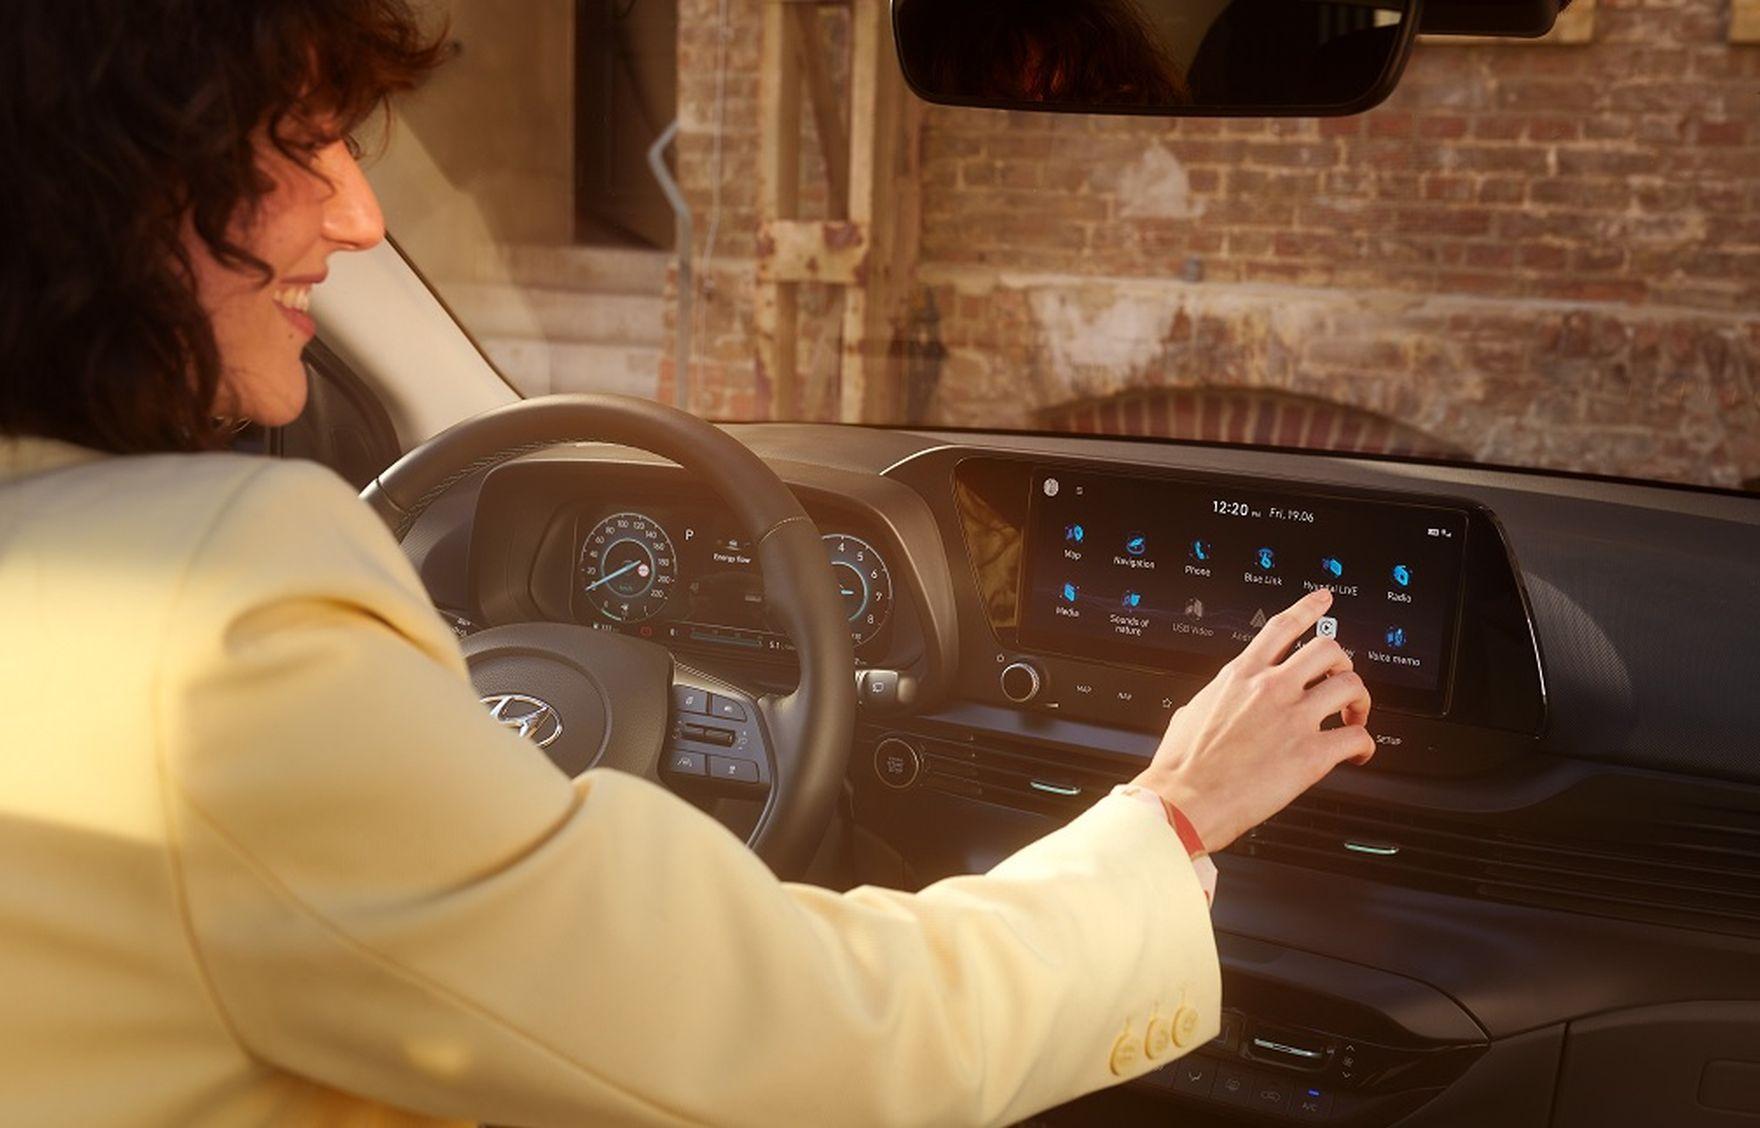 Hyundai Bayon debiutuje na rynku. Co oferuje nowy crossover? Sprawdzamy ofertę!